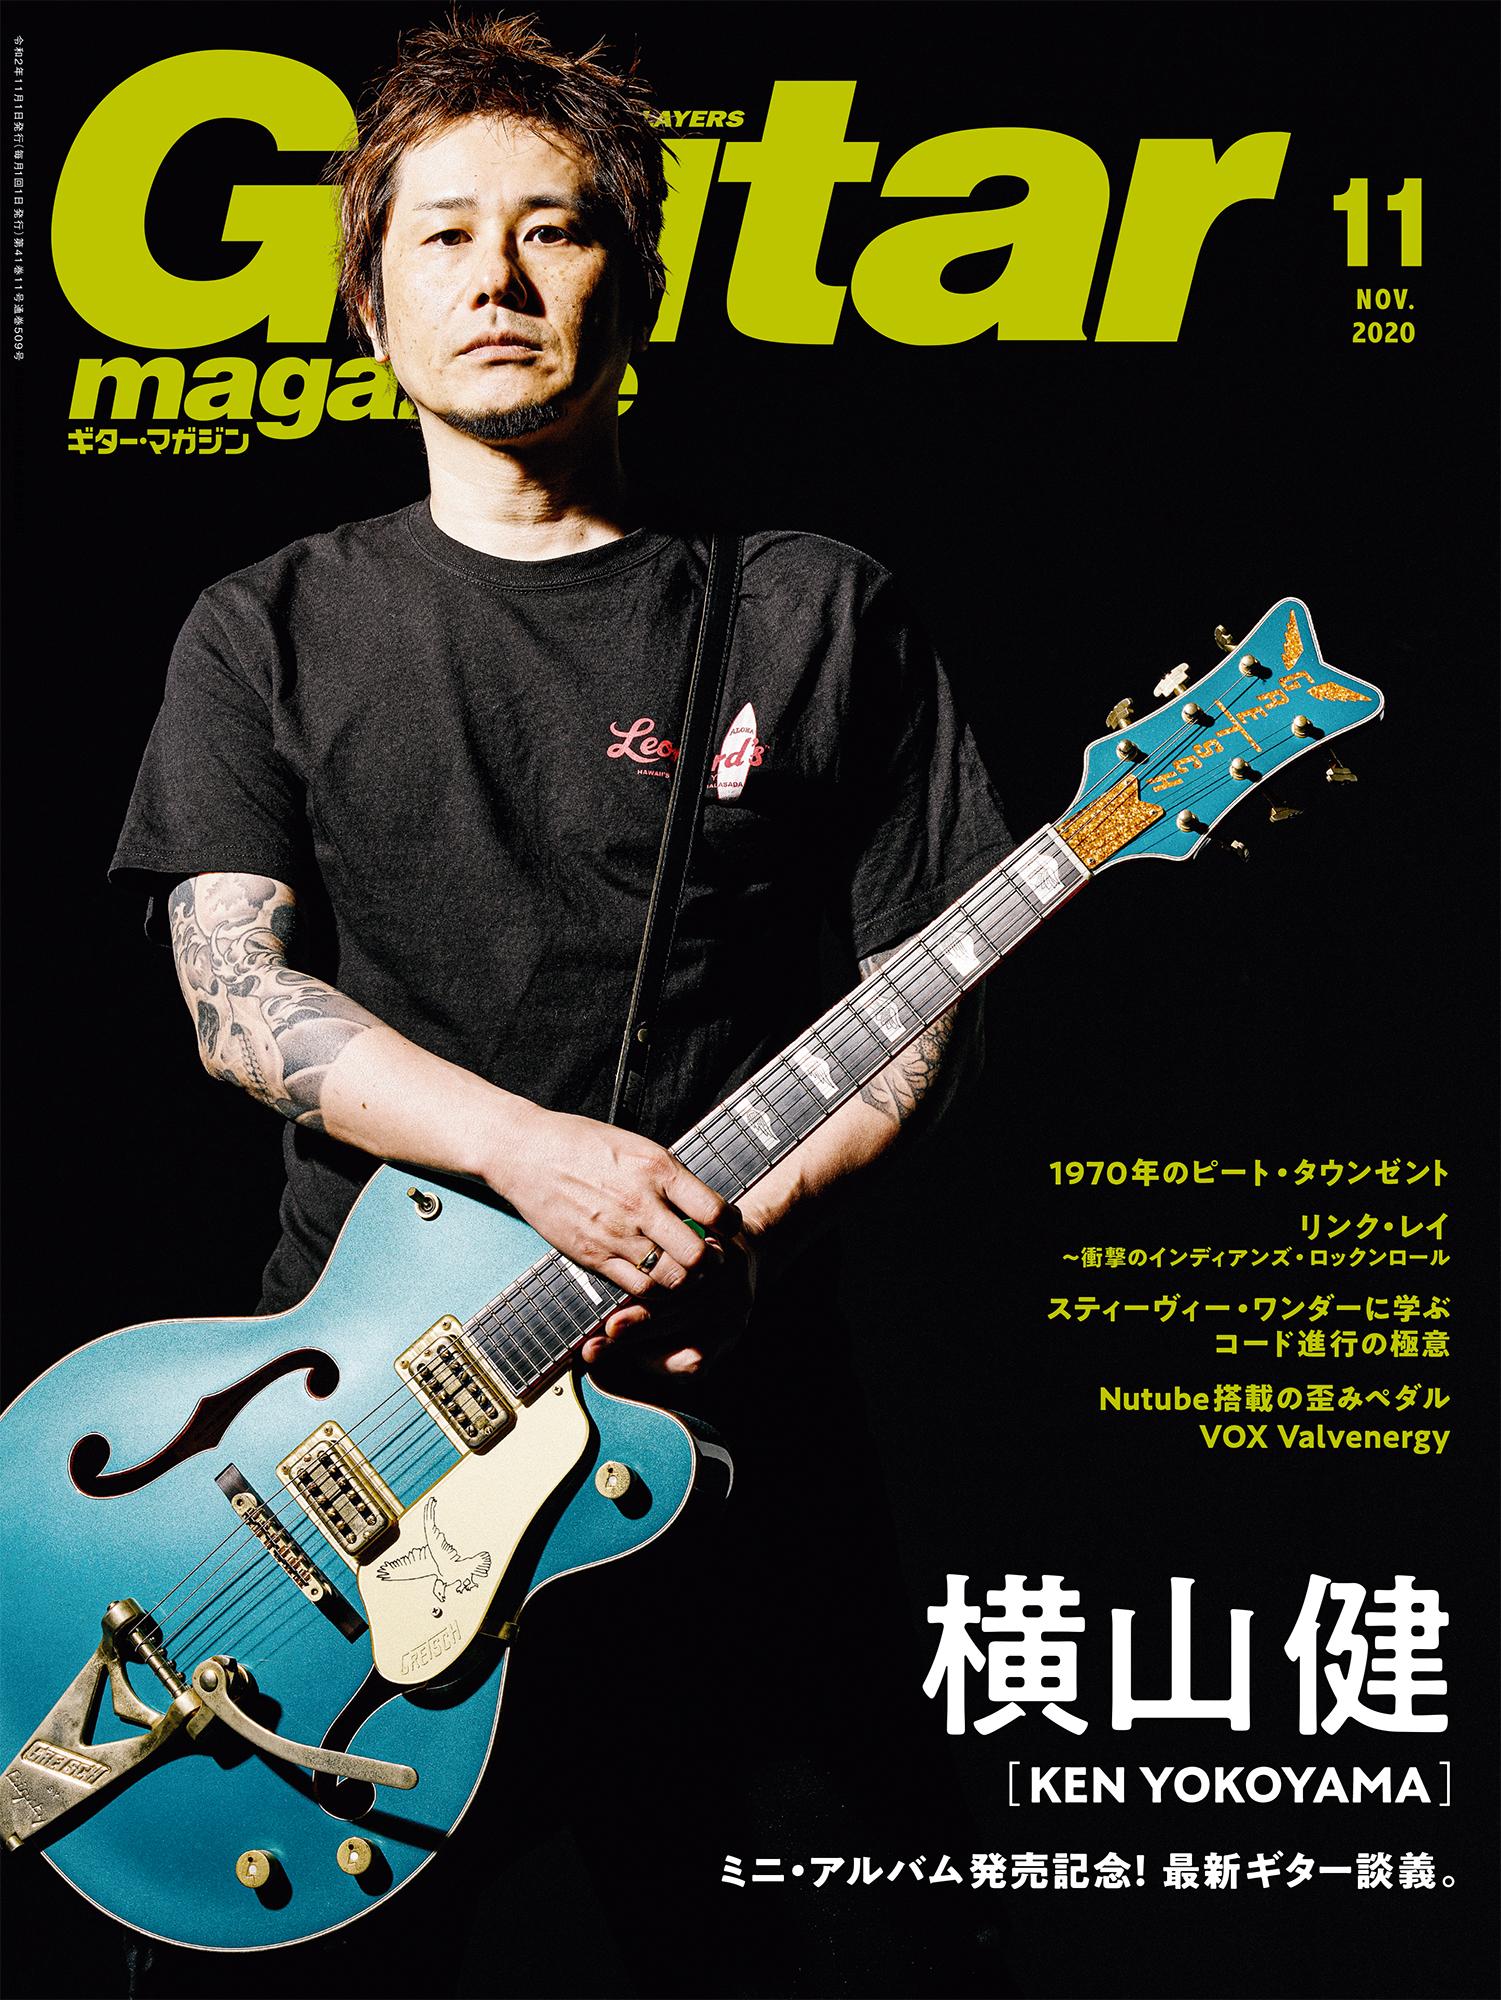 横山健、ギター・マガジン11月号に巻頭表紙で登場! | PIZZA OF DEATH ...